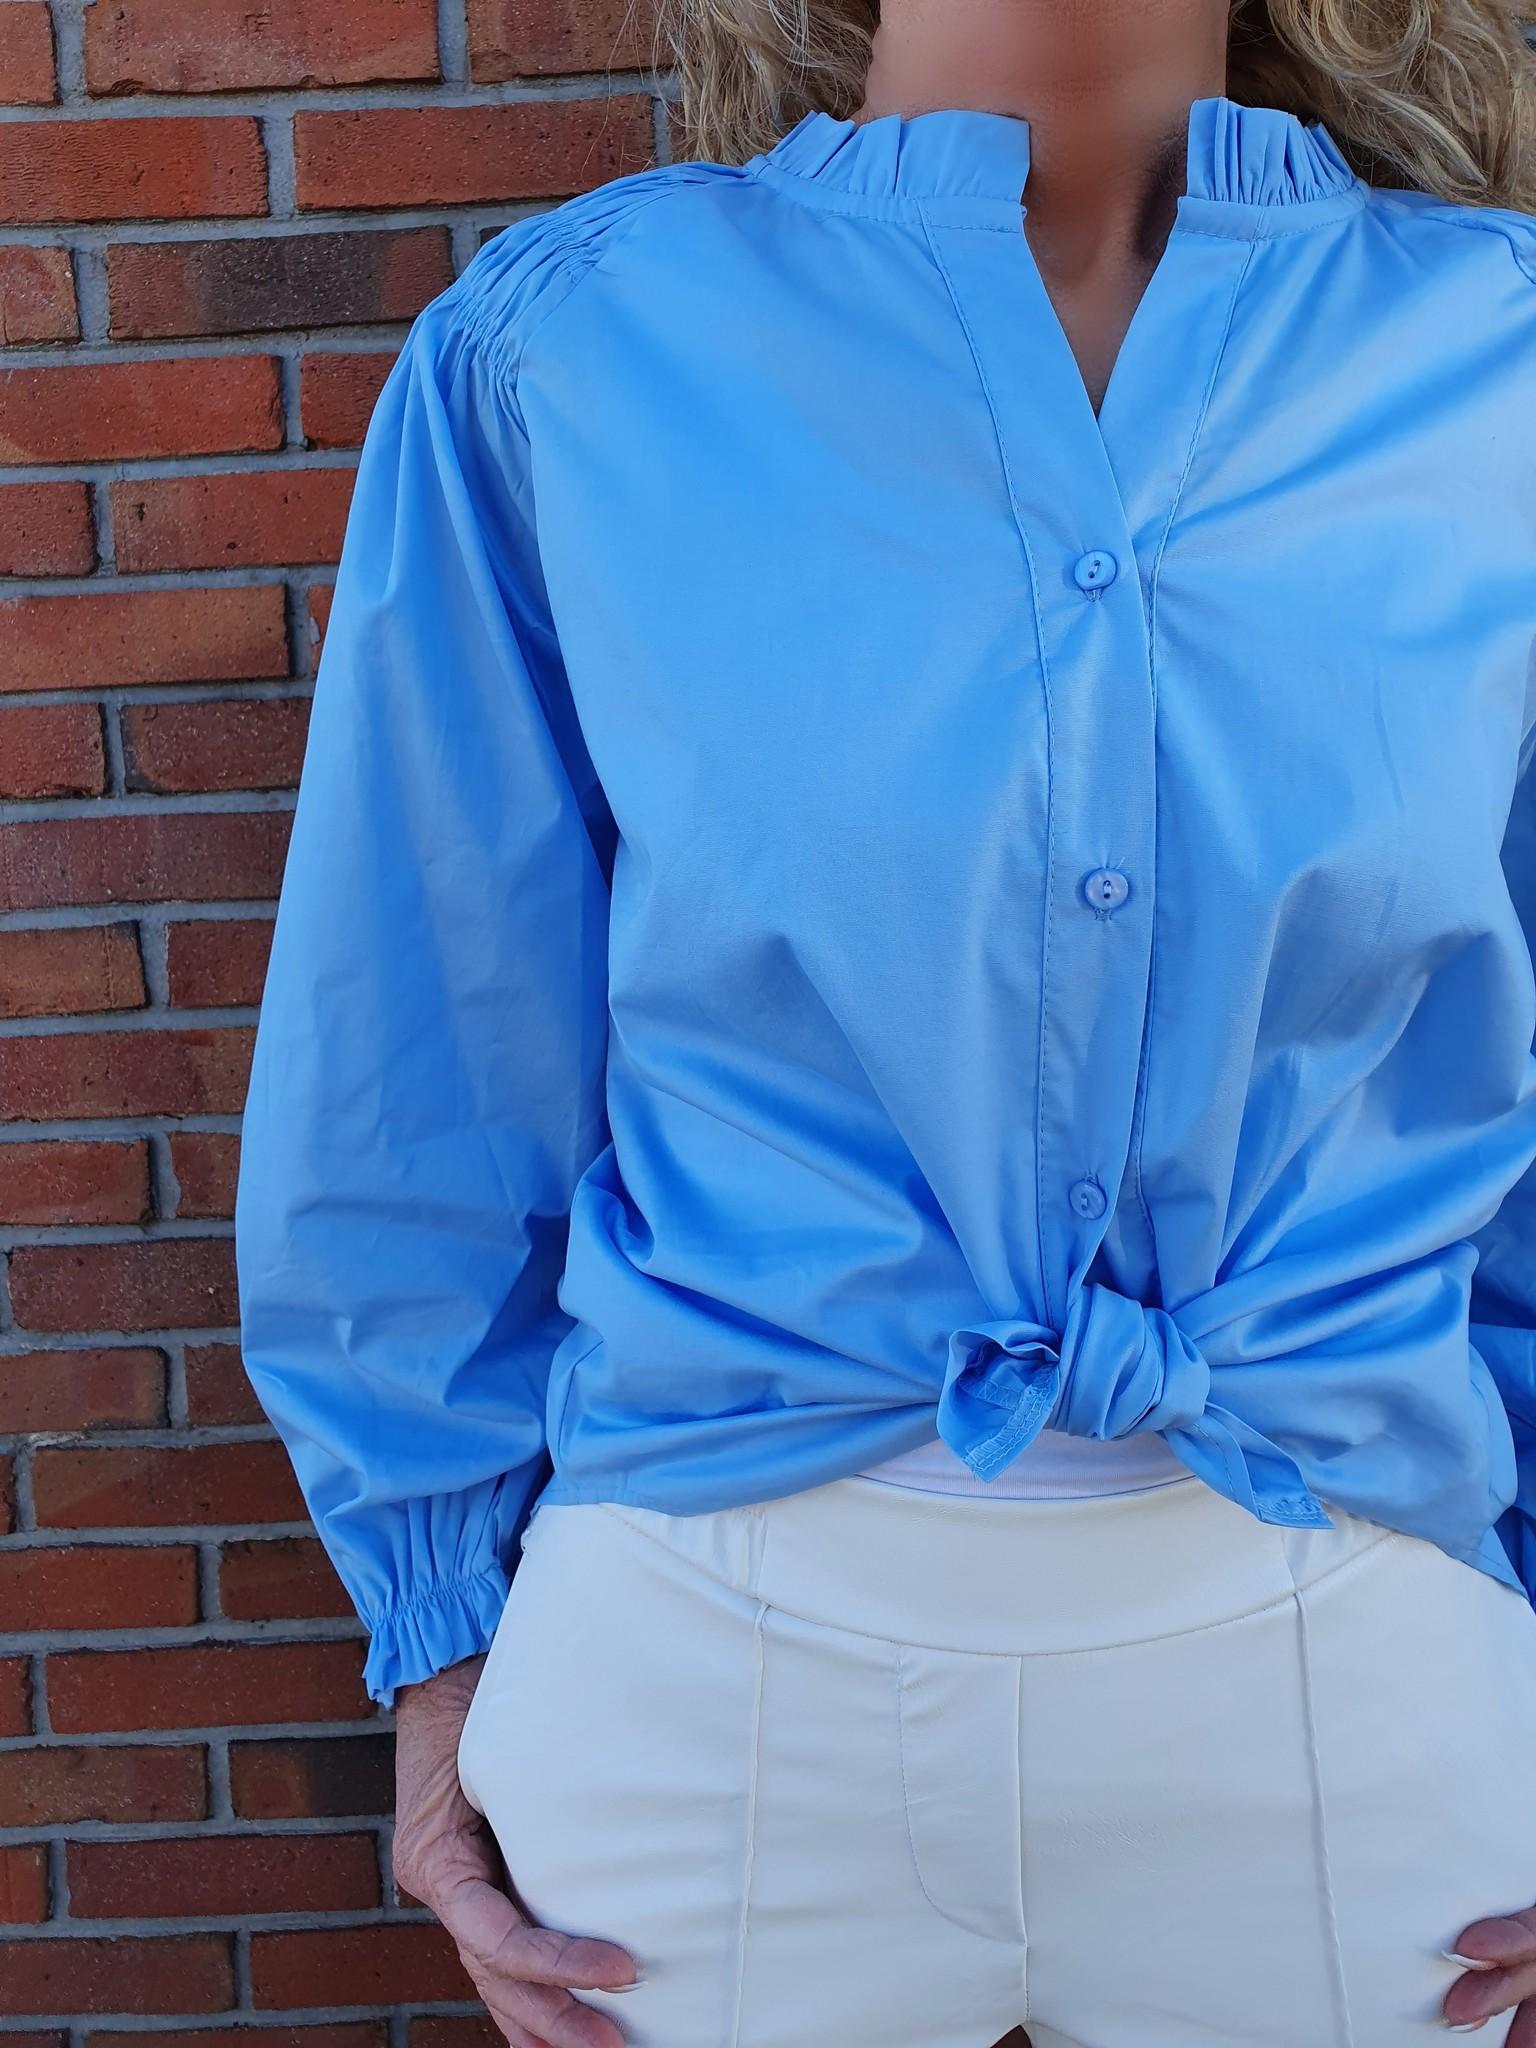 Chastar Chastar blouse ijsblauw